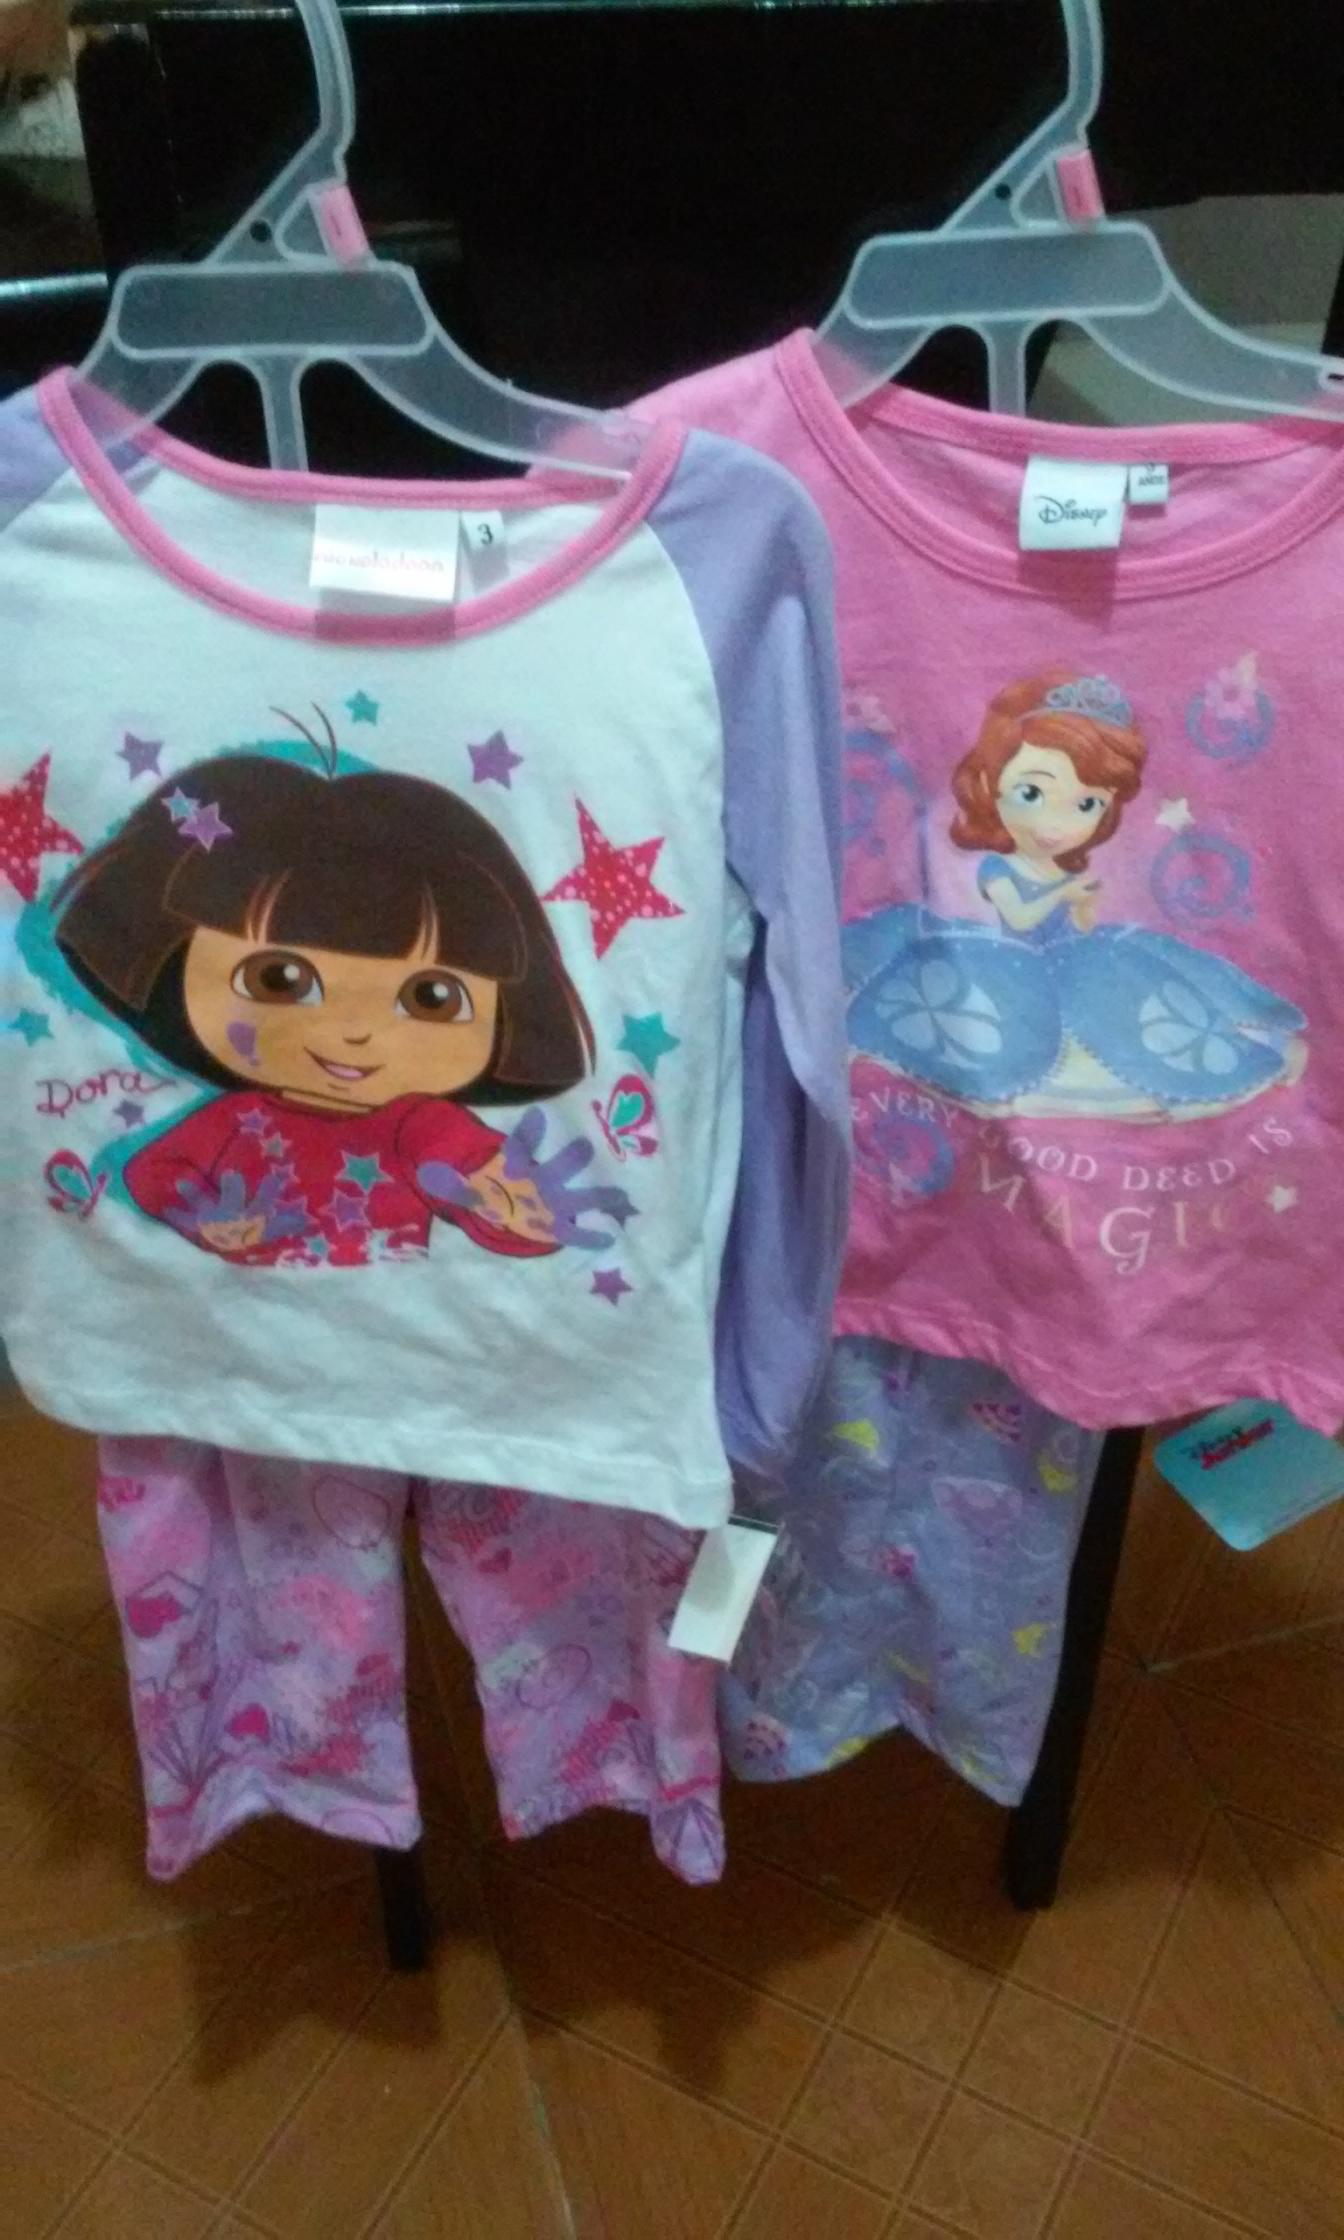 Soriana Perinorte (C.Izcalli): Pijamas de $149.90 en $44.97 (70% de descto)